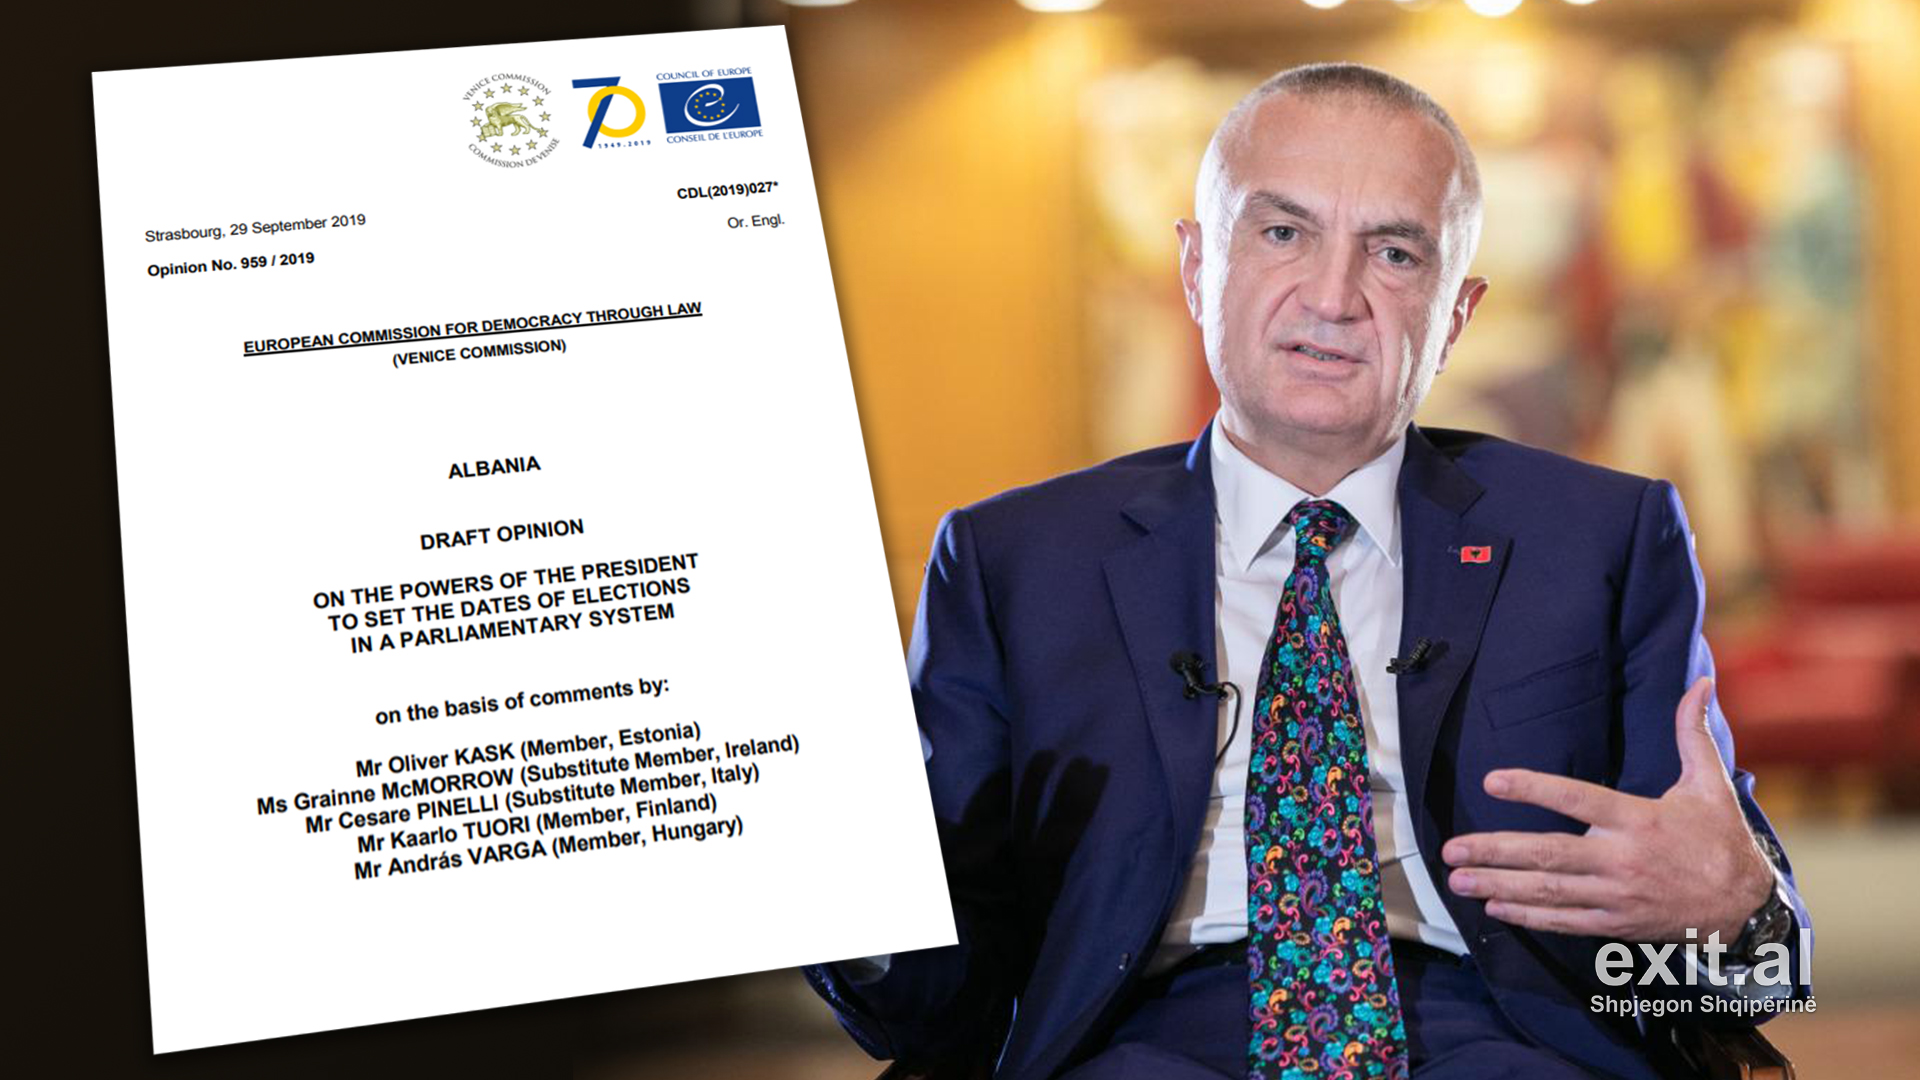 Komisioni i Venecias: Presidenti tejkaloi kompetencat, nuk justifikojnë shkarkimin e tij